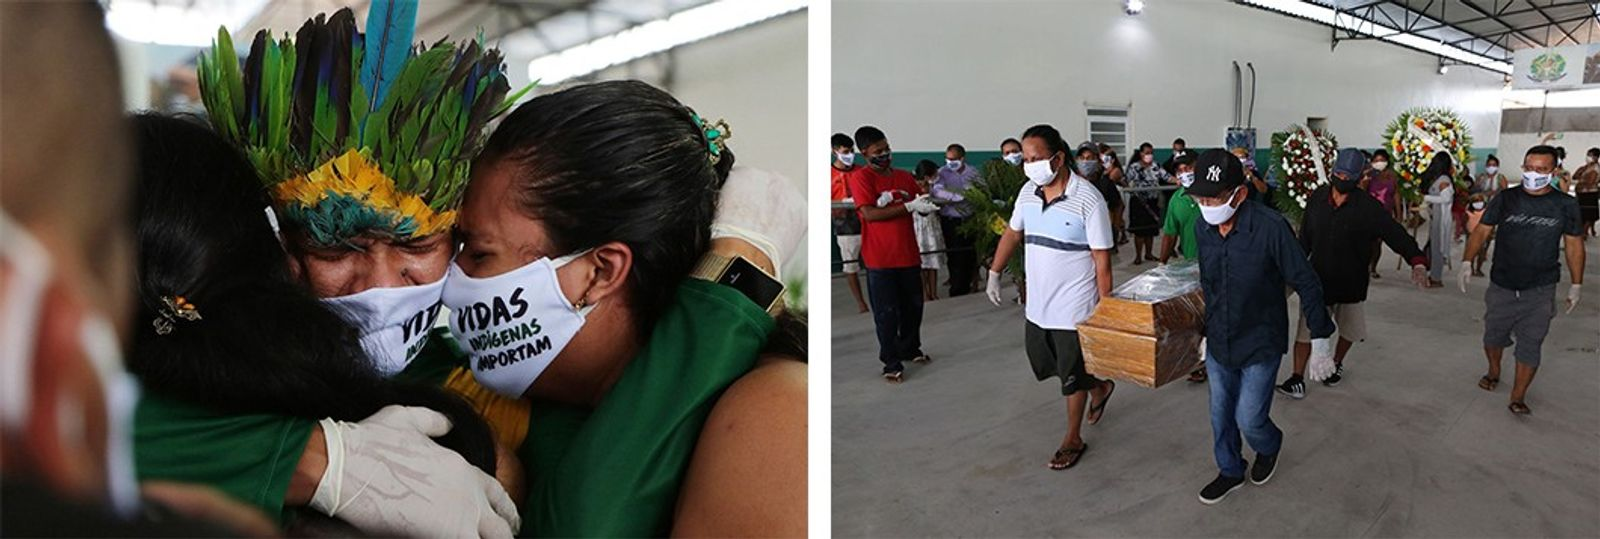 Esquerda: Num funeral realizado no Parque das Nações Indígenas, em Manaus, familiares choram a morte de ...